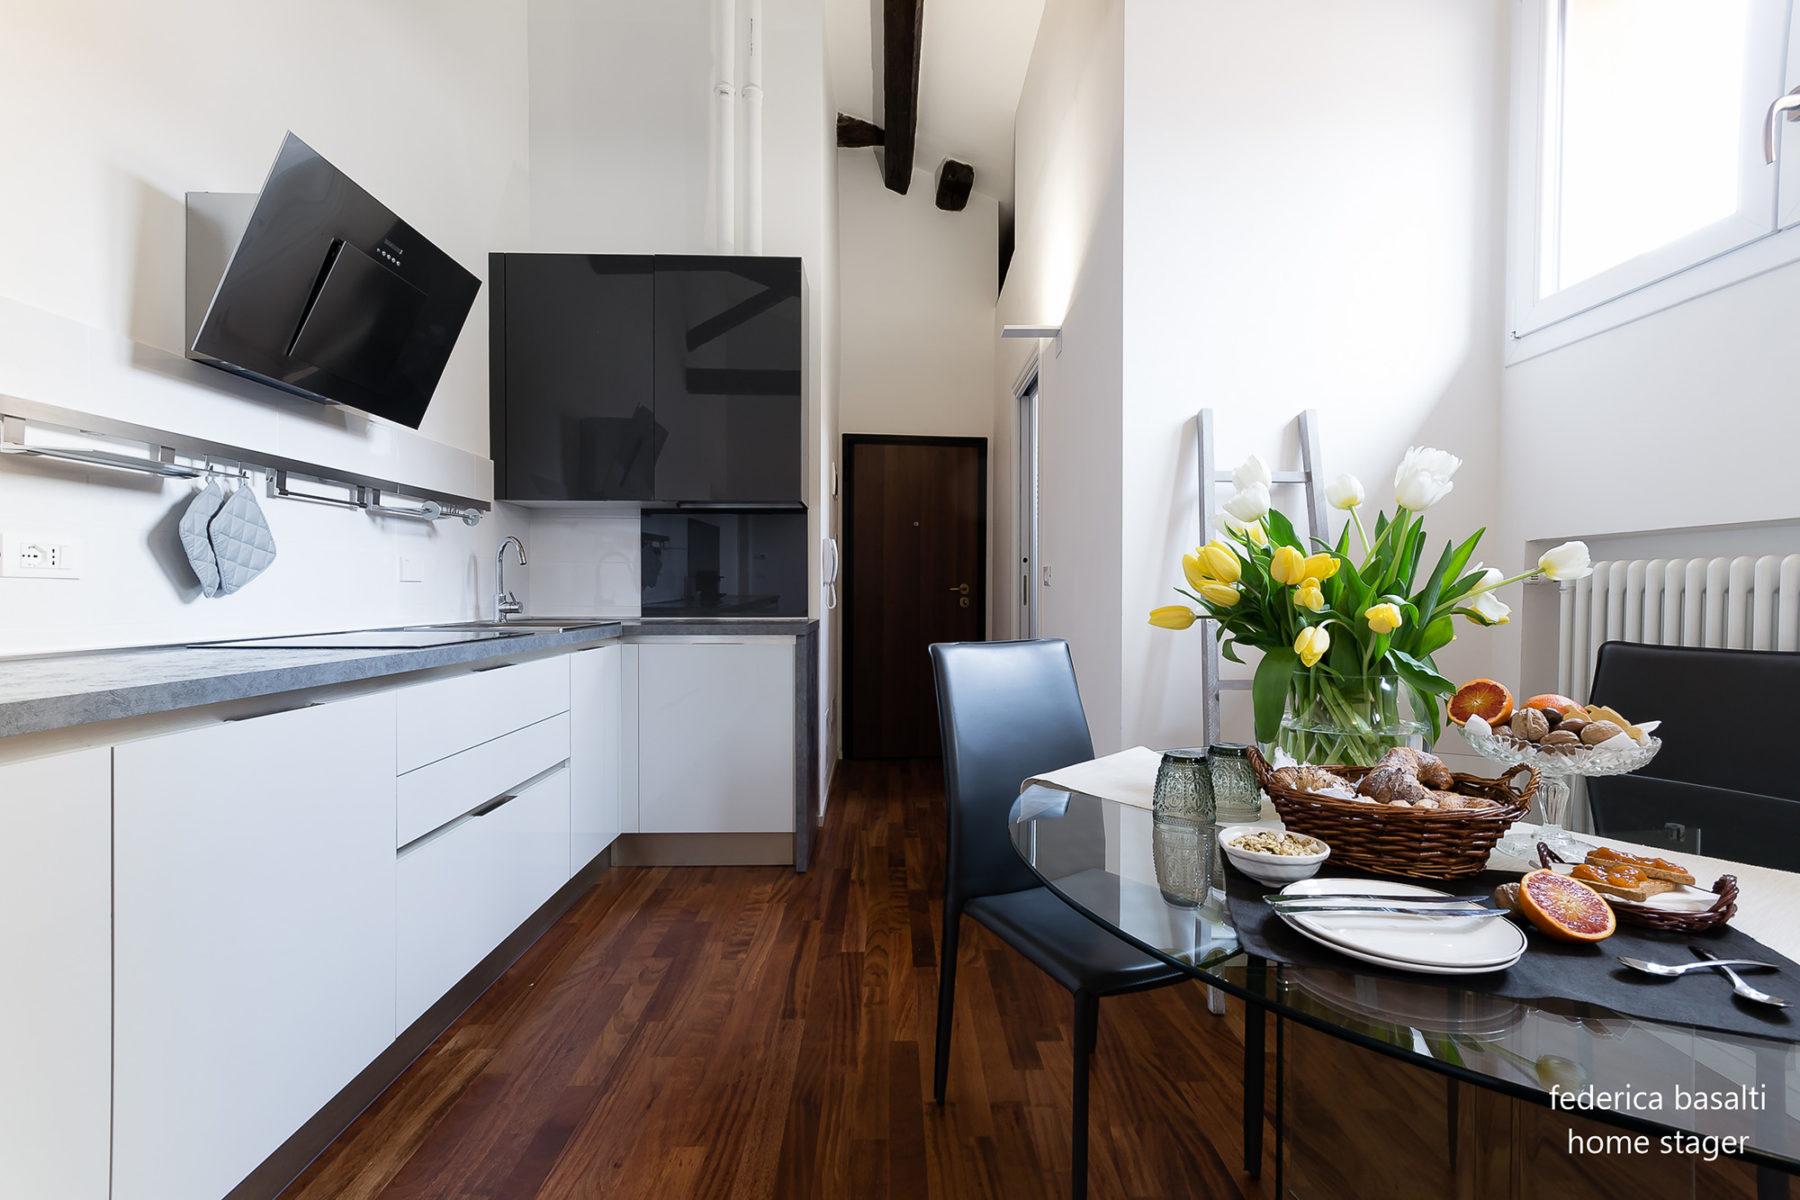 Nel cuore di Bologna - Home Staging Bologna - Federica Basalti